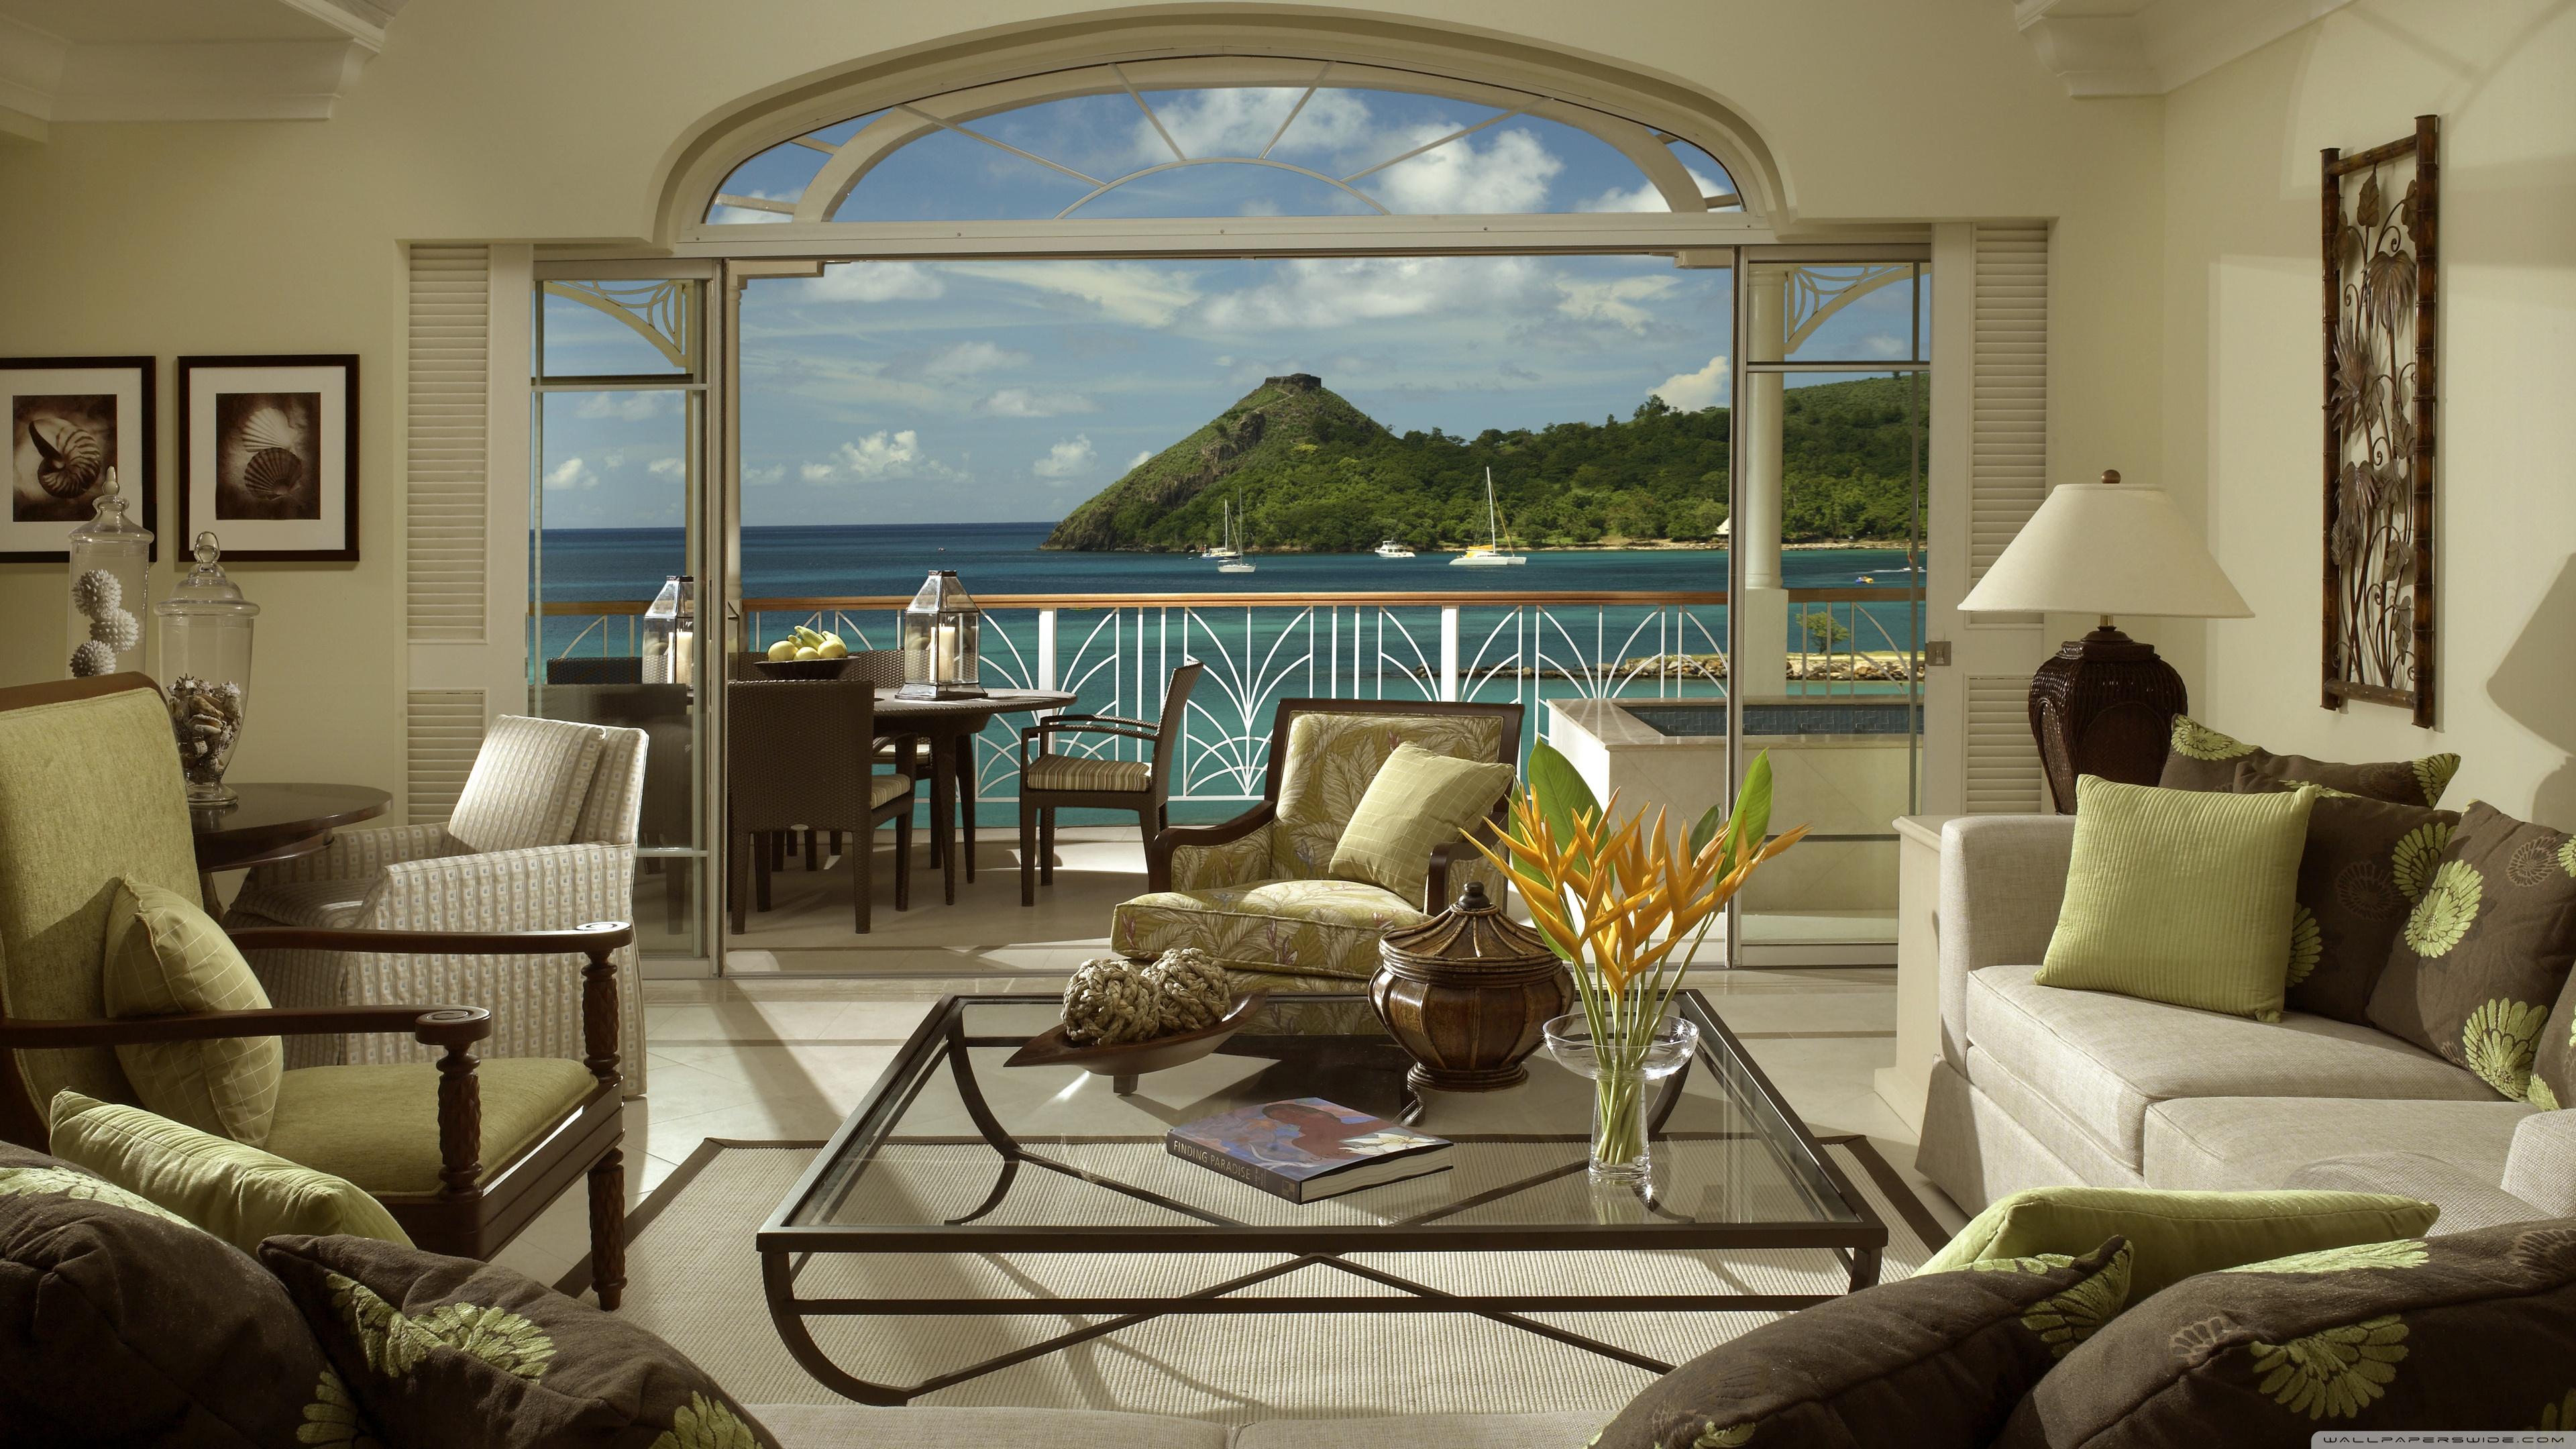 Скачать обои стиль, мебель, из окна, цветы, vacation, террас.